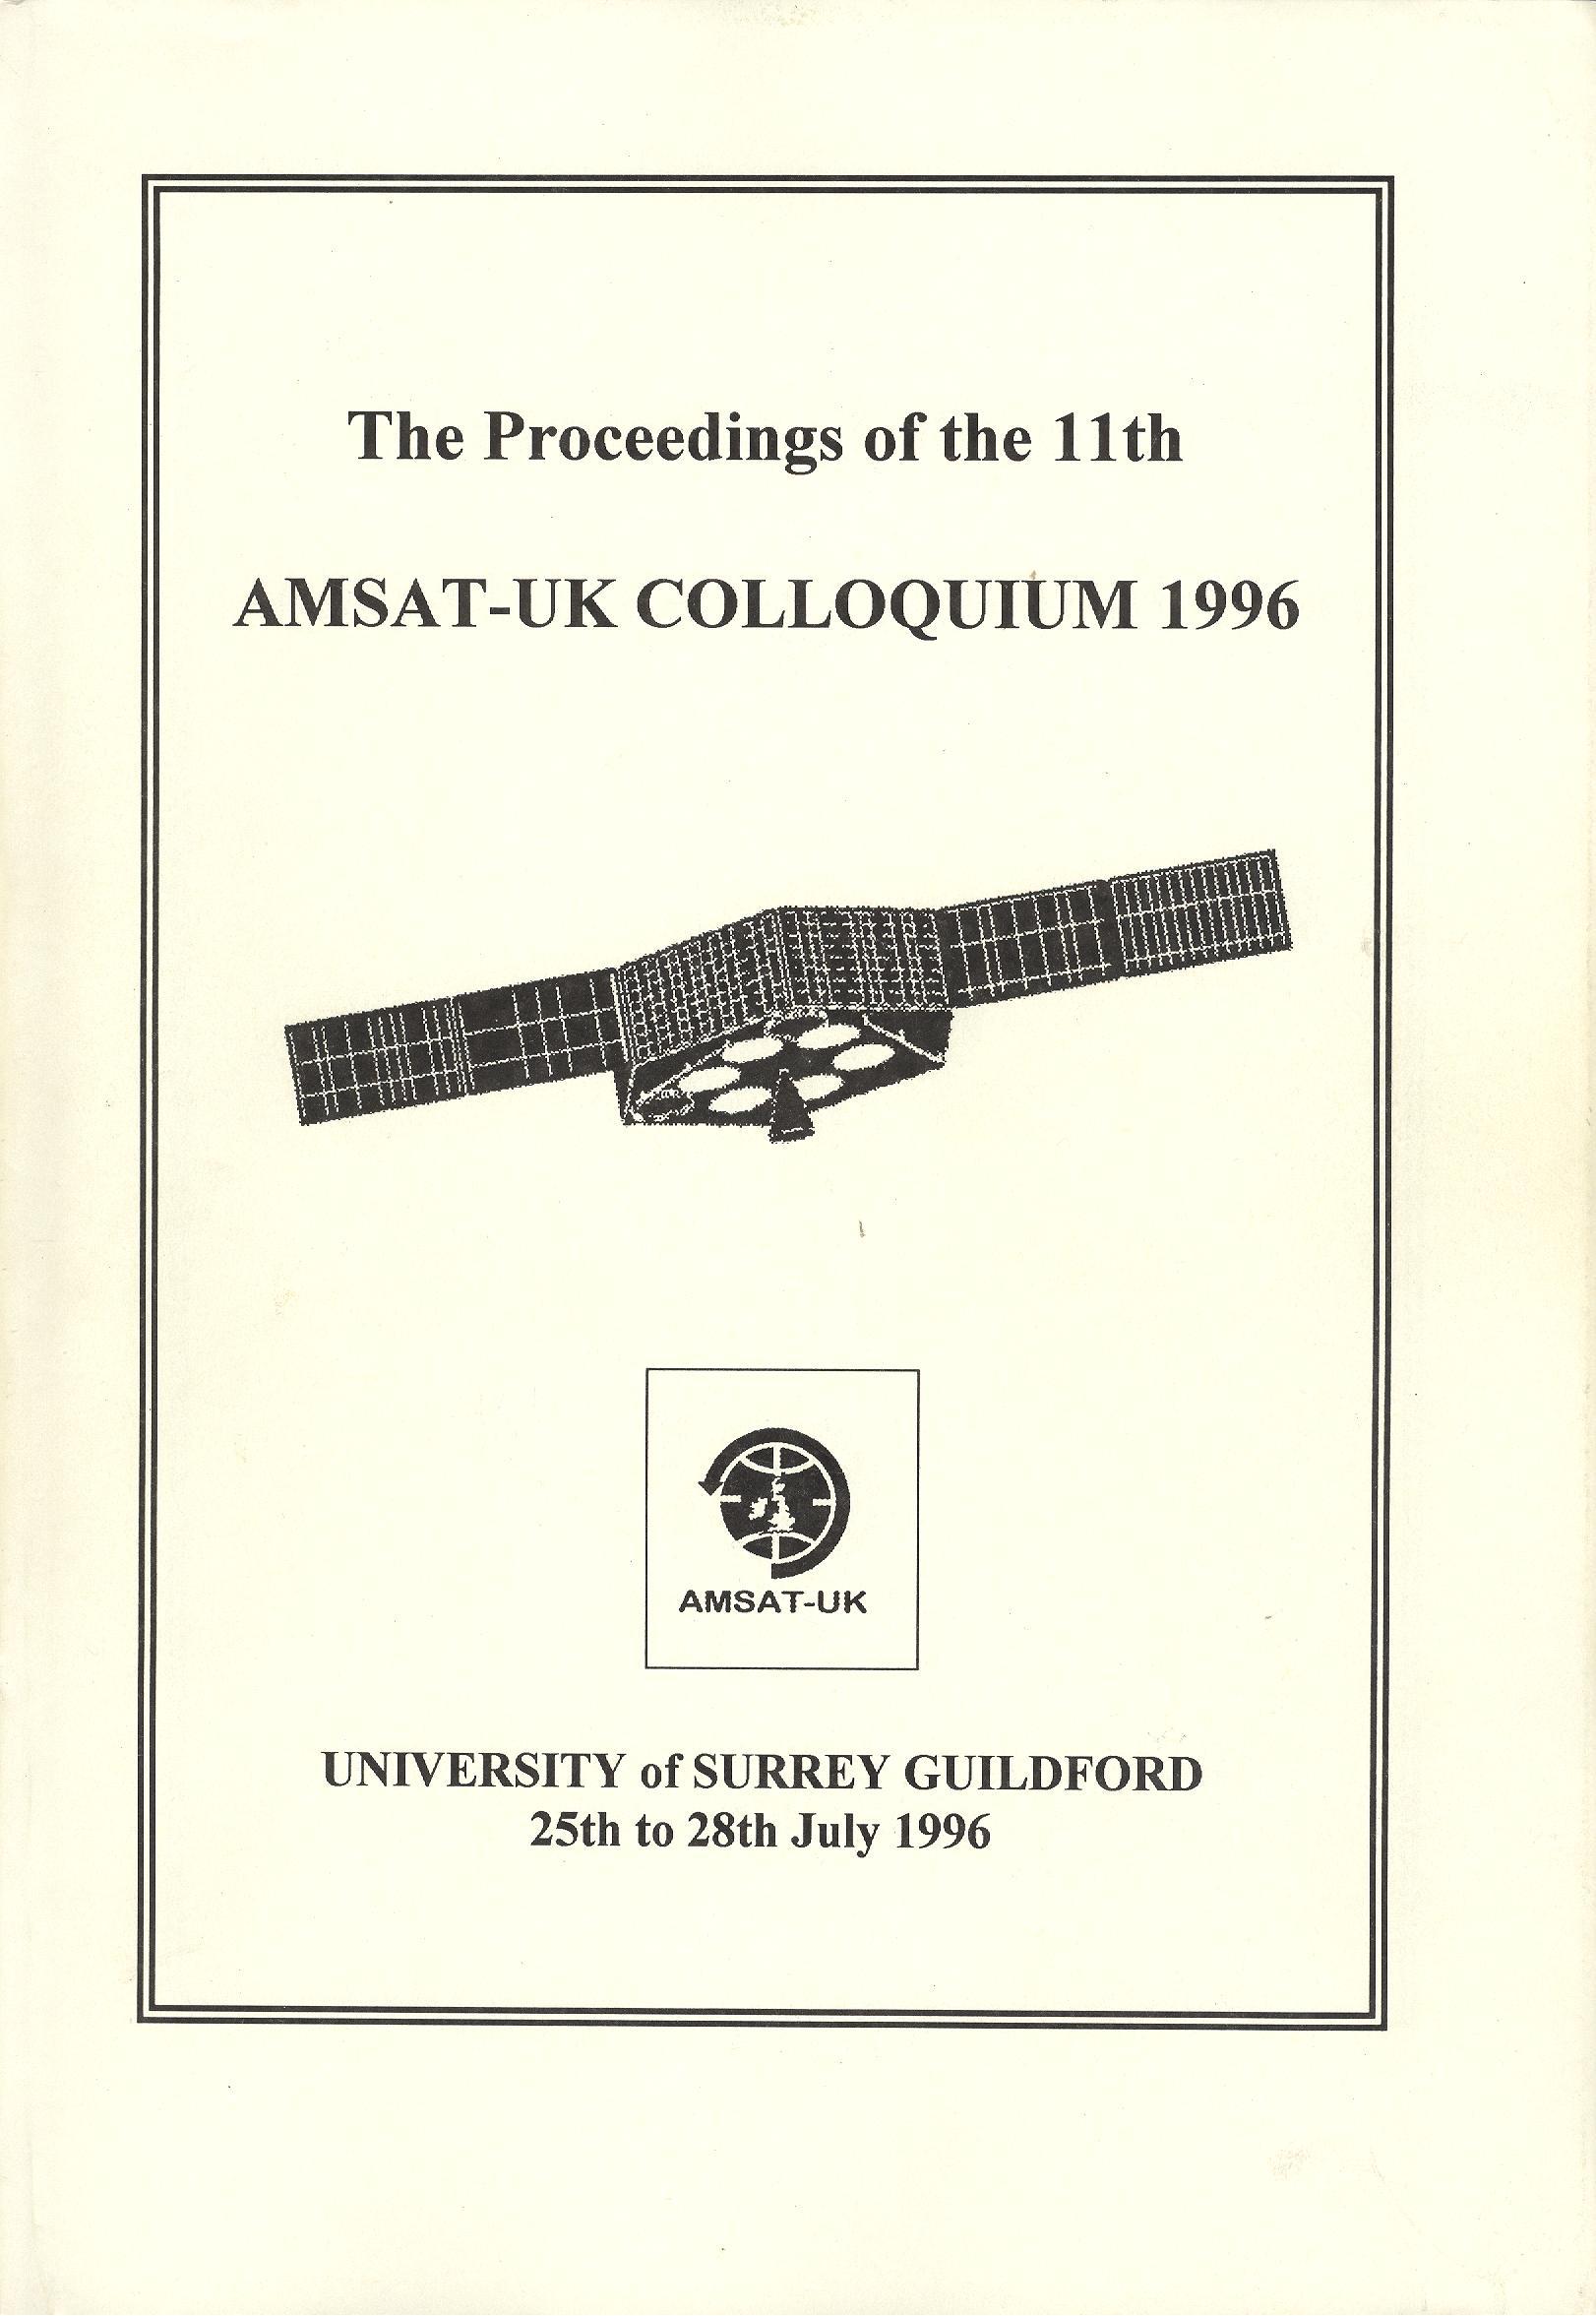 The Proceedings of the 11th AMSAT-UK Colloquium 1996